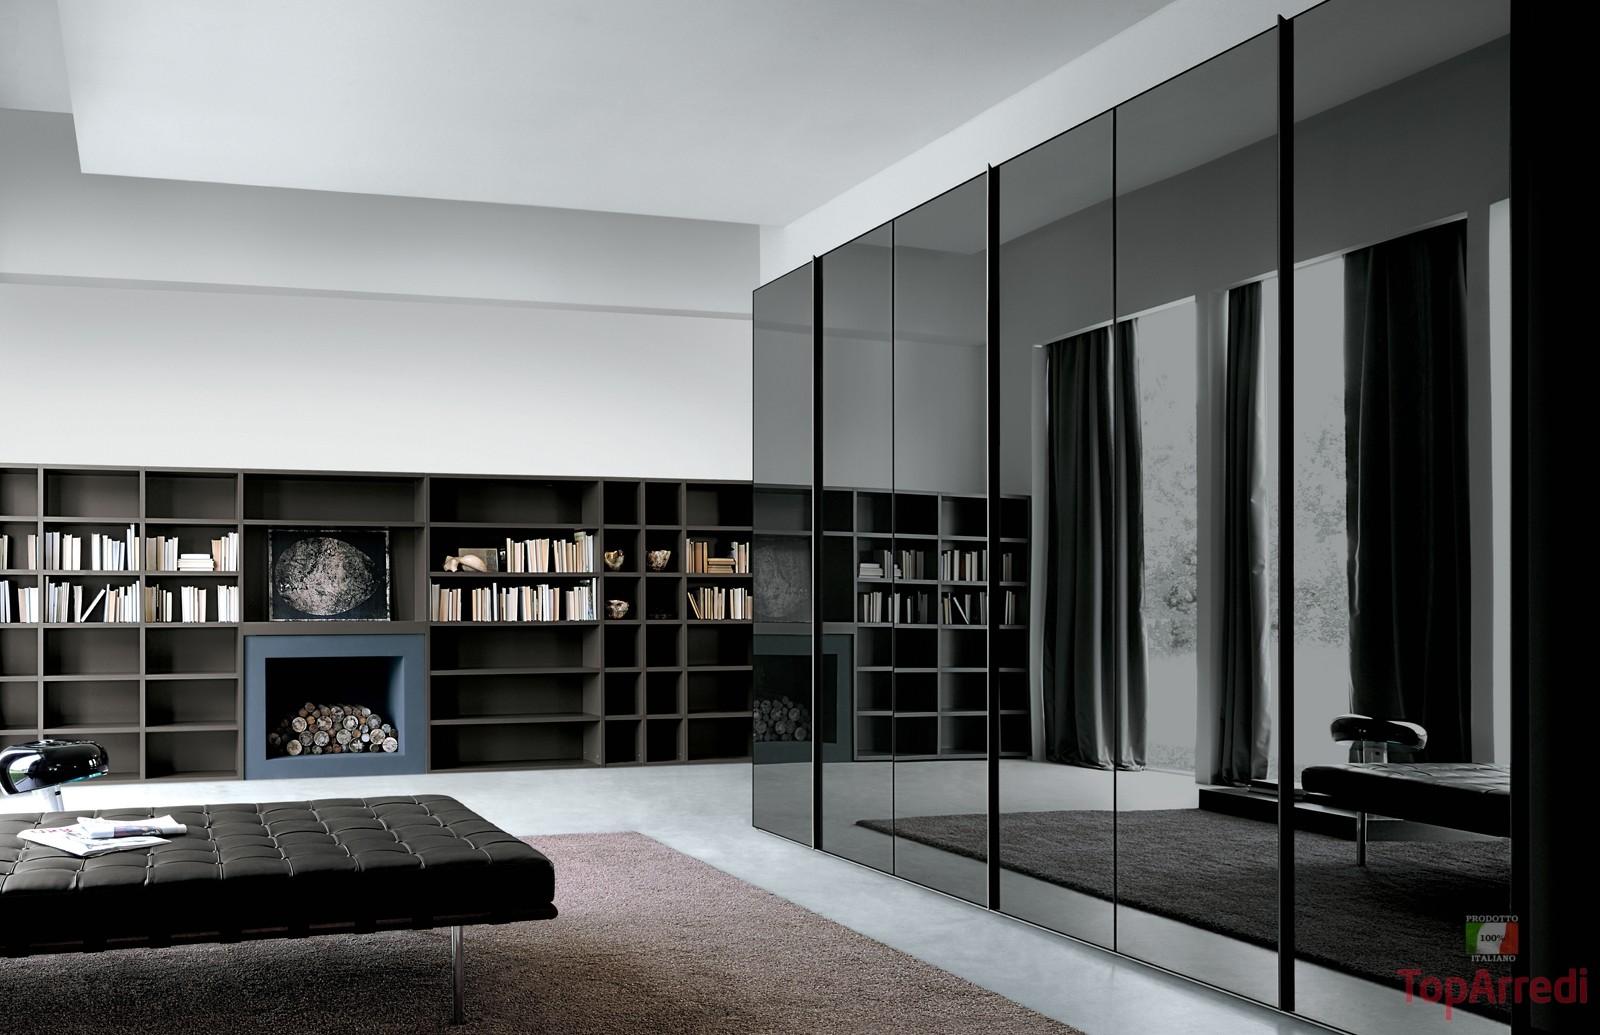 Arredamento e mobili online le nuove tendenze per la zona - Parete nera camera da letto ...